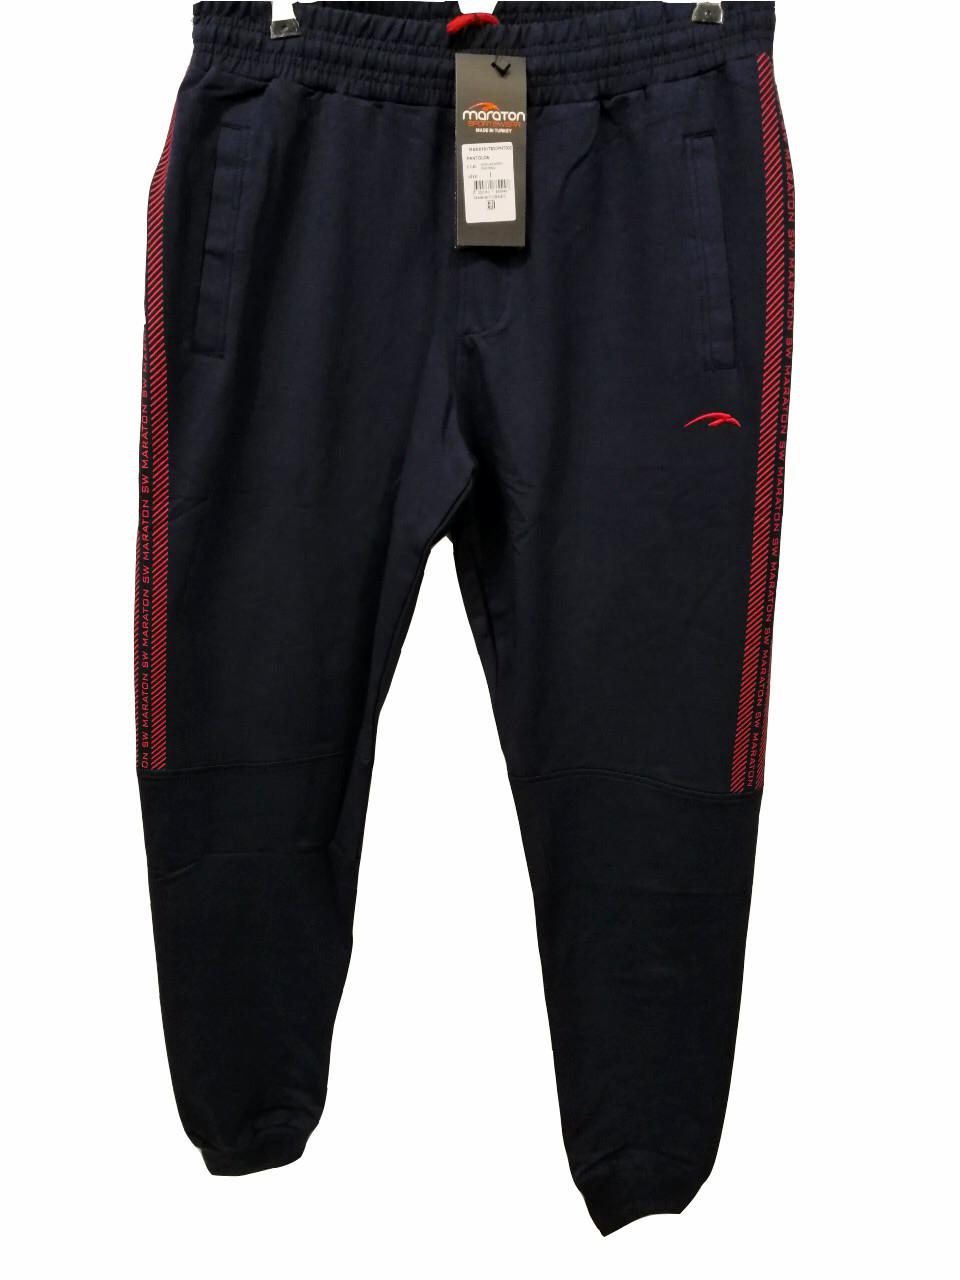 Брюки мужские трикотажные Maraton модель 7830 спортивные штаны на манжетах Маратон производство Турция